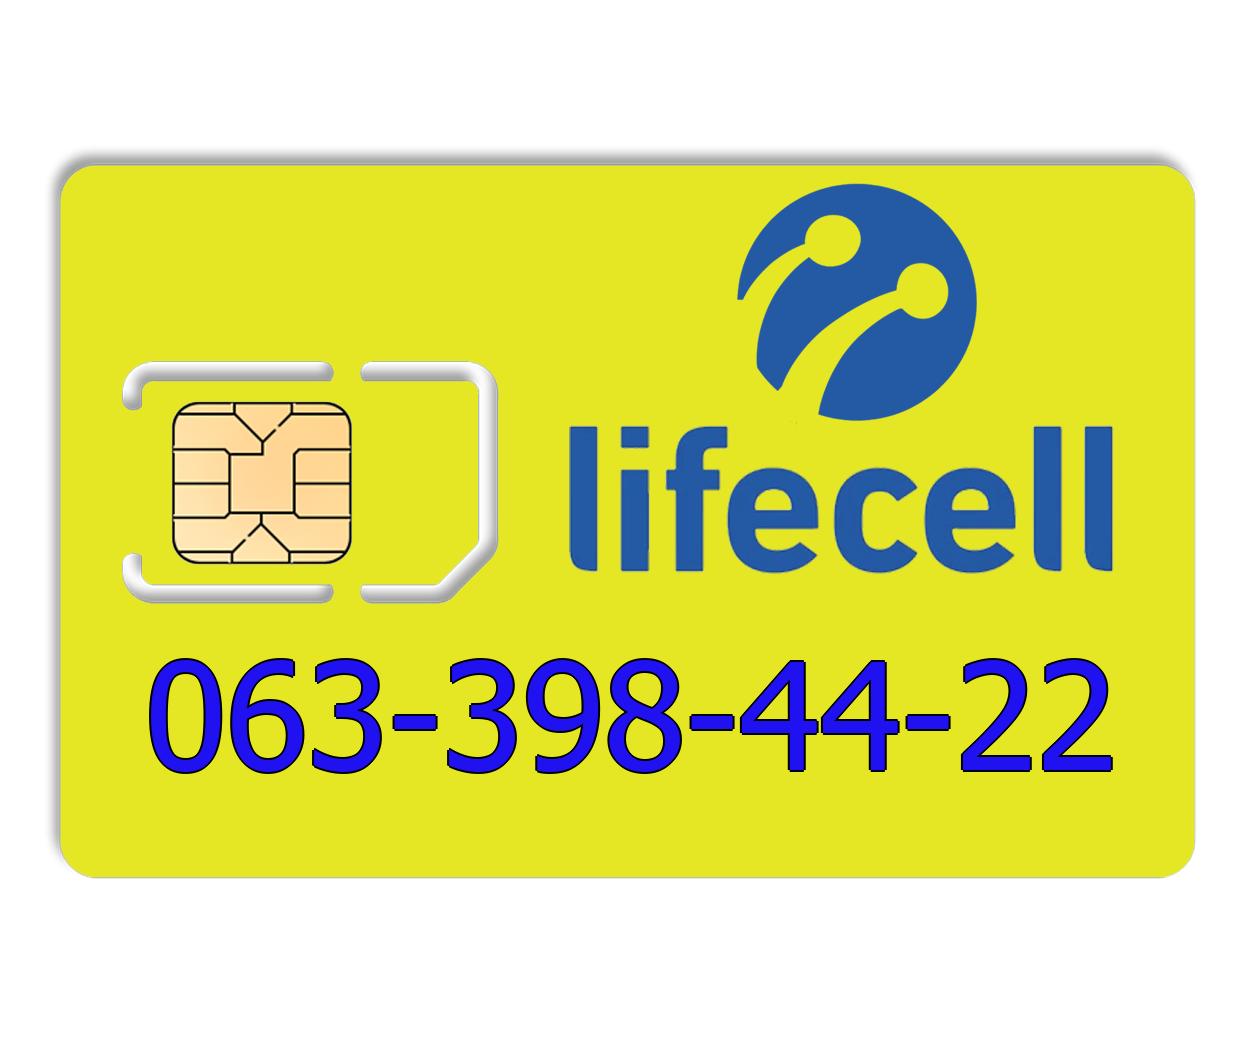 Красивый номер lifecell 063-398-44-22